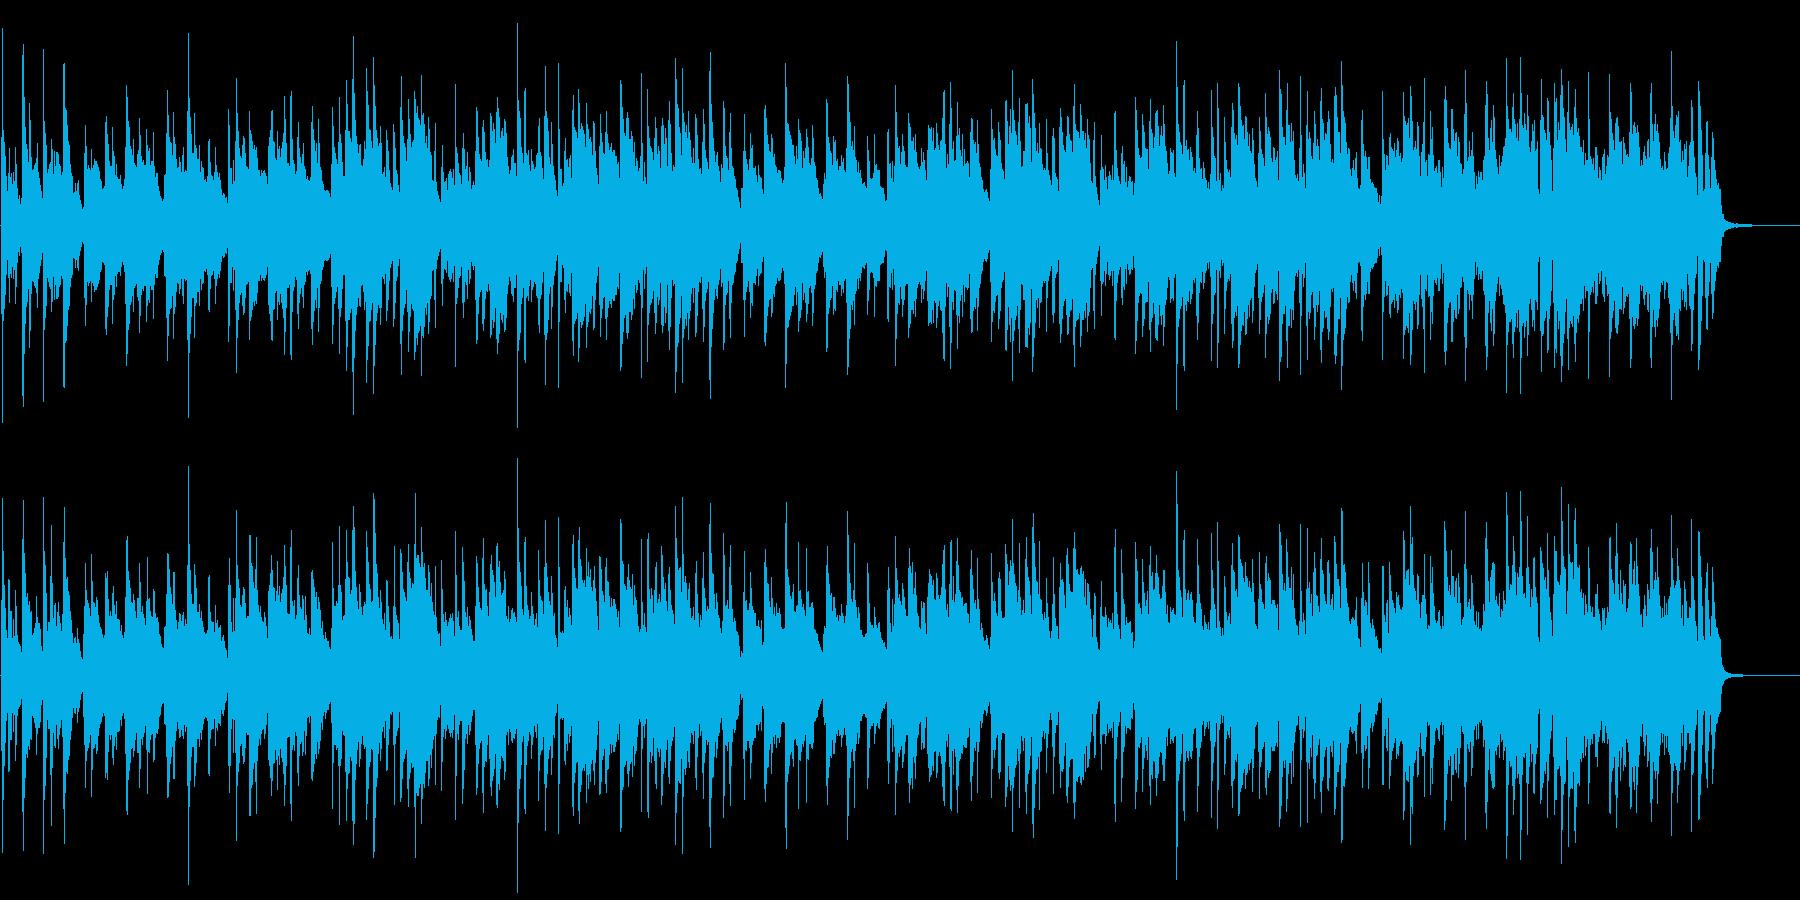 華やかでおしゃれなジャズワルツの再生済みの波形